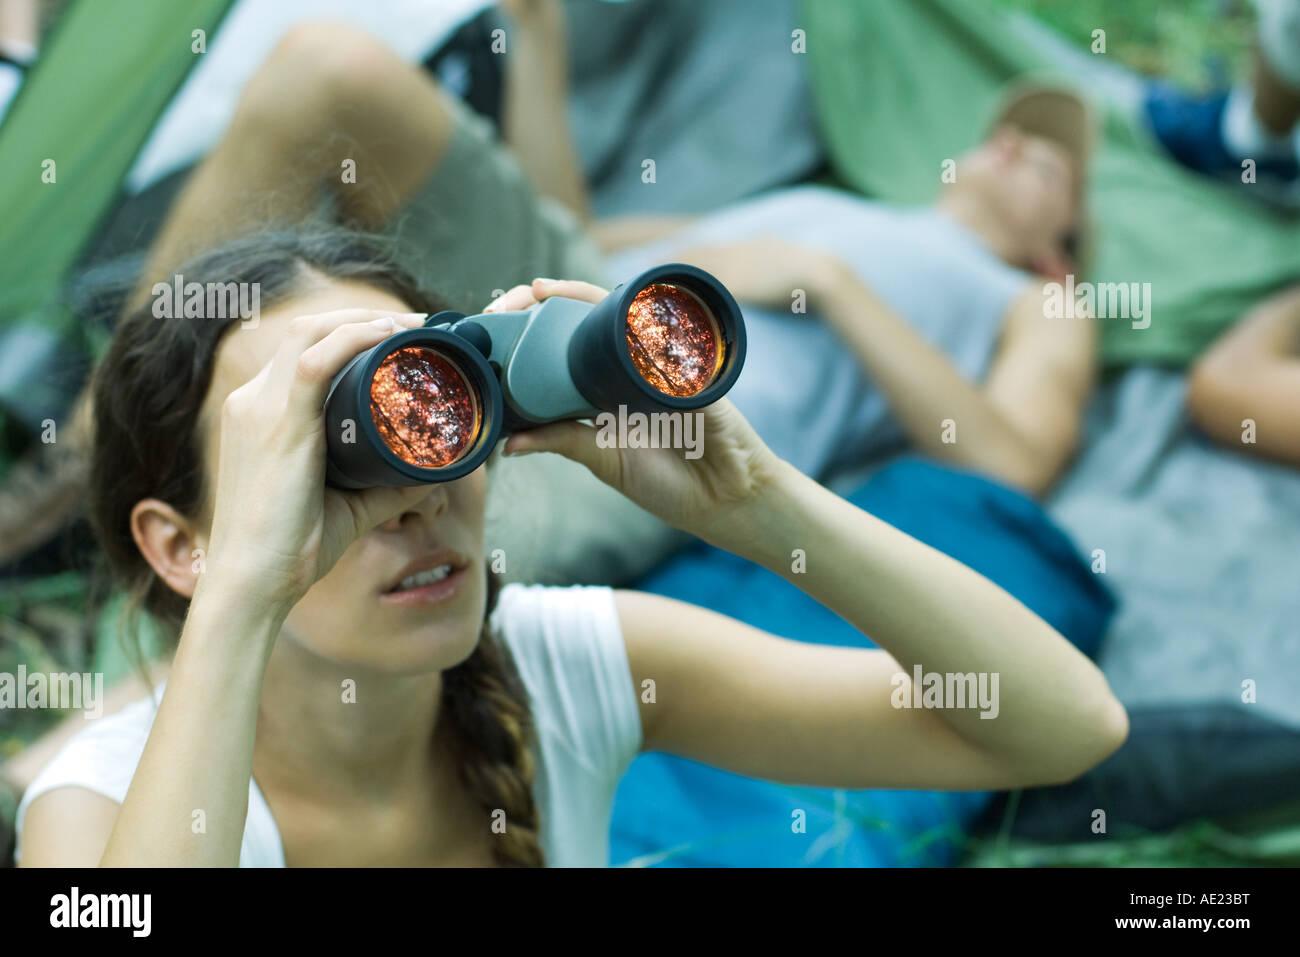 Mujer mirando a través de binoculares, senderismo compañeros descansando en segundo plano. Imagen De Stock